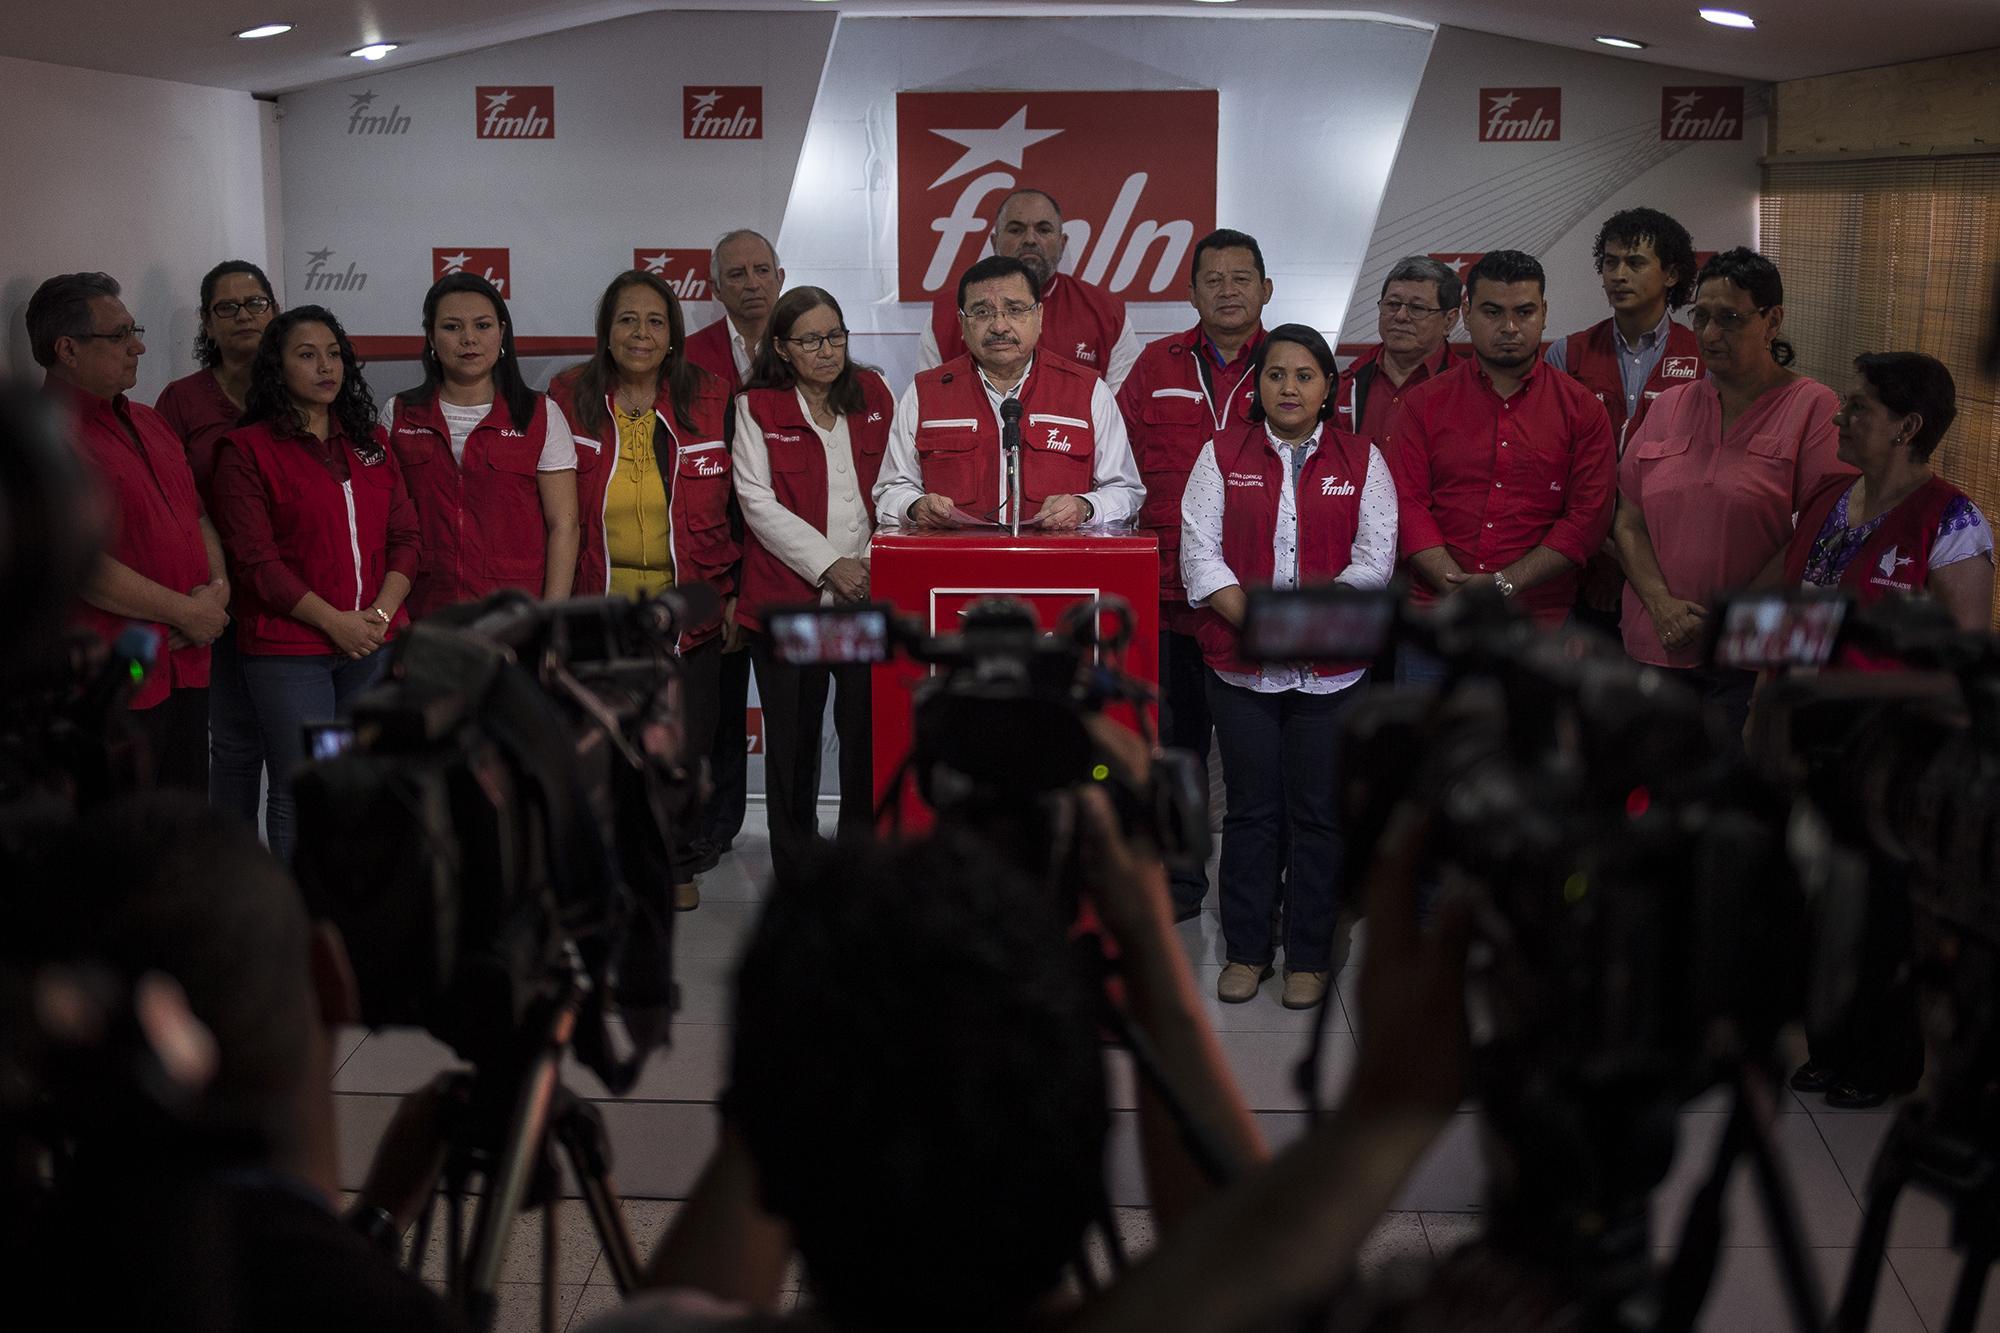 La cúpula del partido FMLN renunció a la dirigencia del partido de izquierda, que tuvo pésimos resultados en las pasadas elecciones presidenciales del 3 de febrero.Medardo González, secretario general del FMLN, hizo el anuncio público a los medios de comunicación, el miércoles 6 de febrero, en la sede conocida como 13-16, en San Salvador. Foto: Víctor Peña.